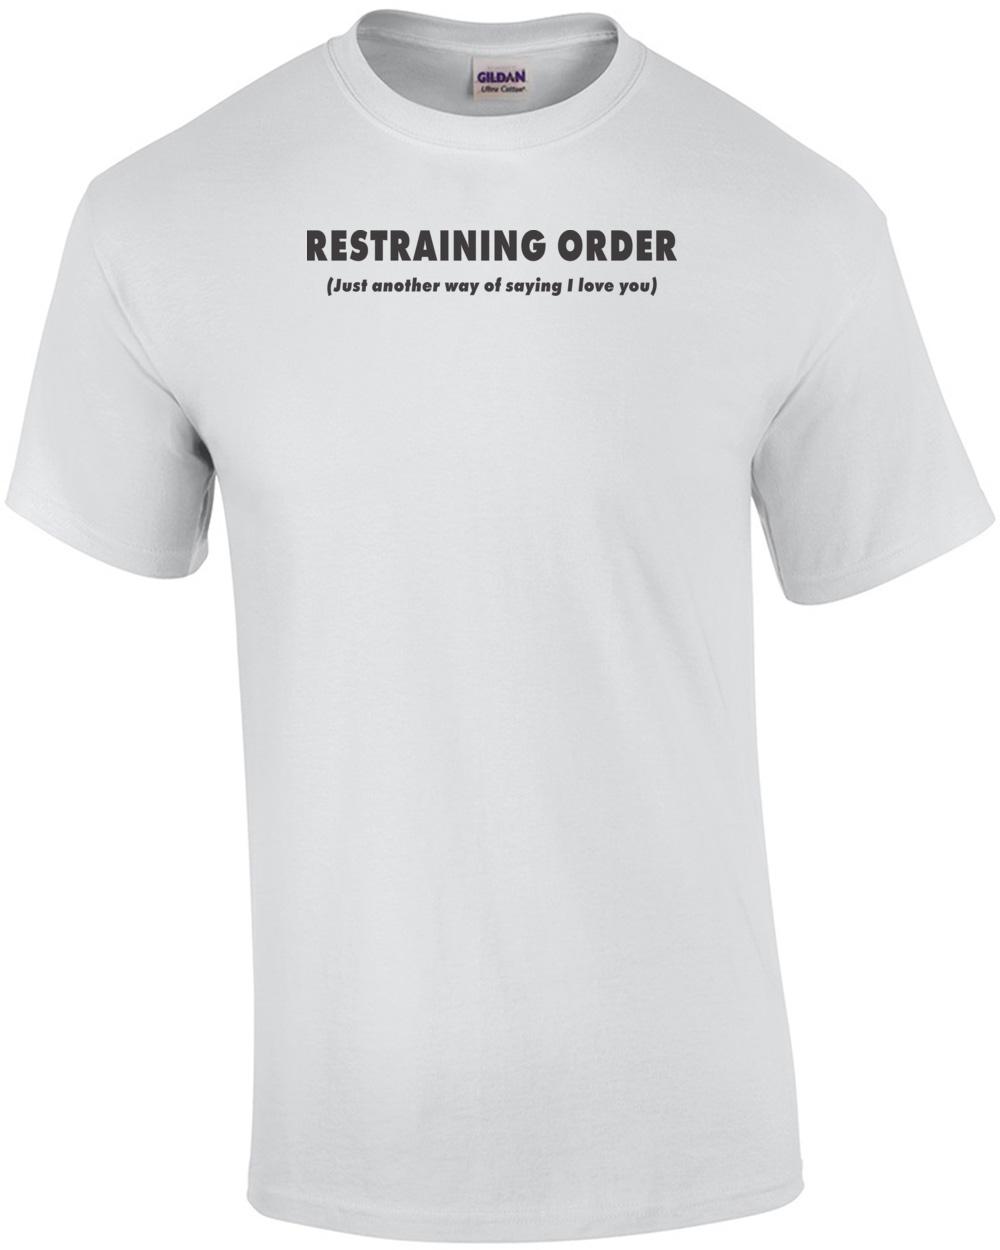 Should I get a restraining order or no?